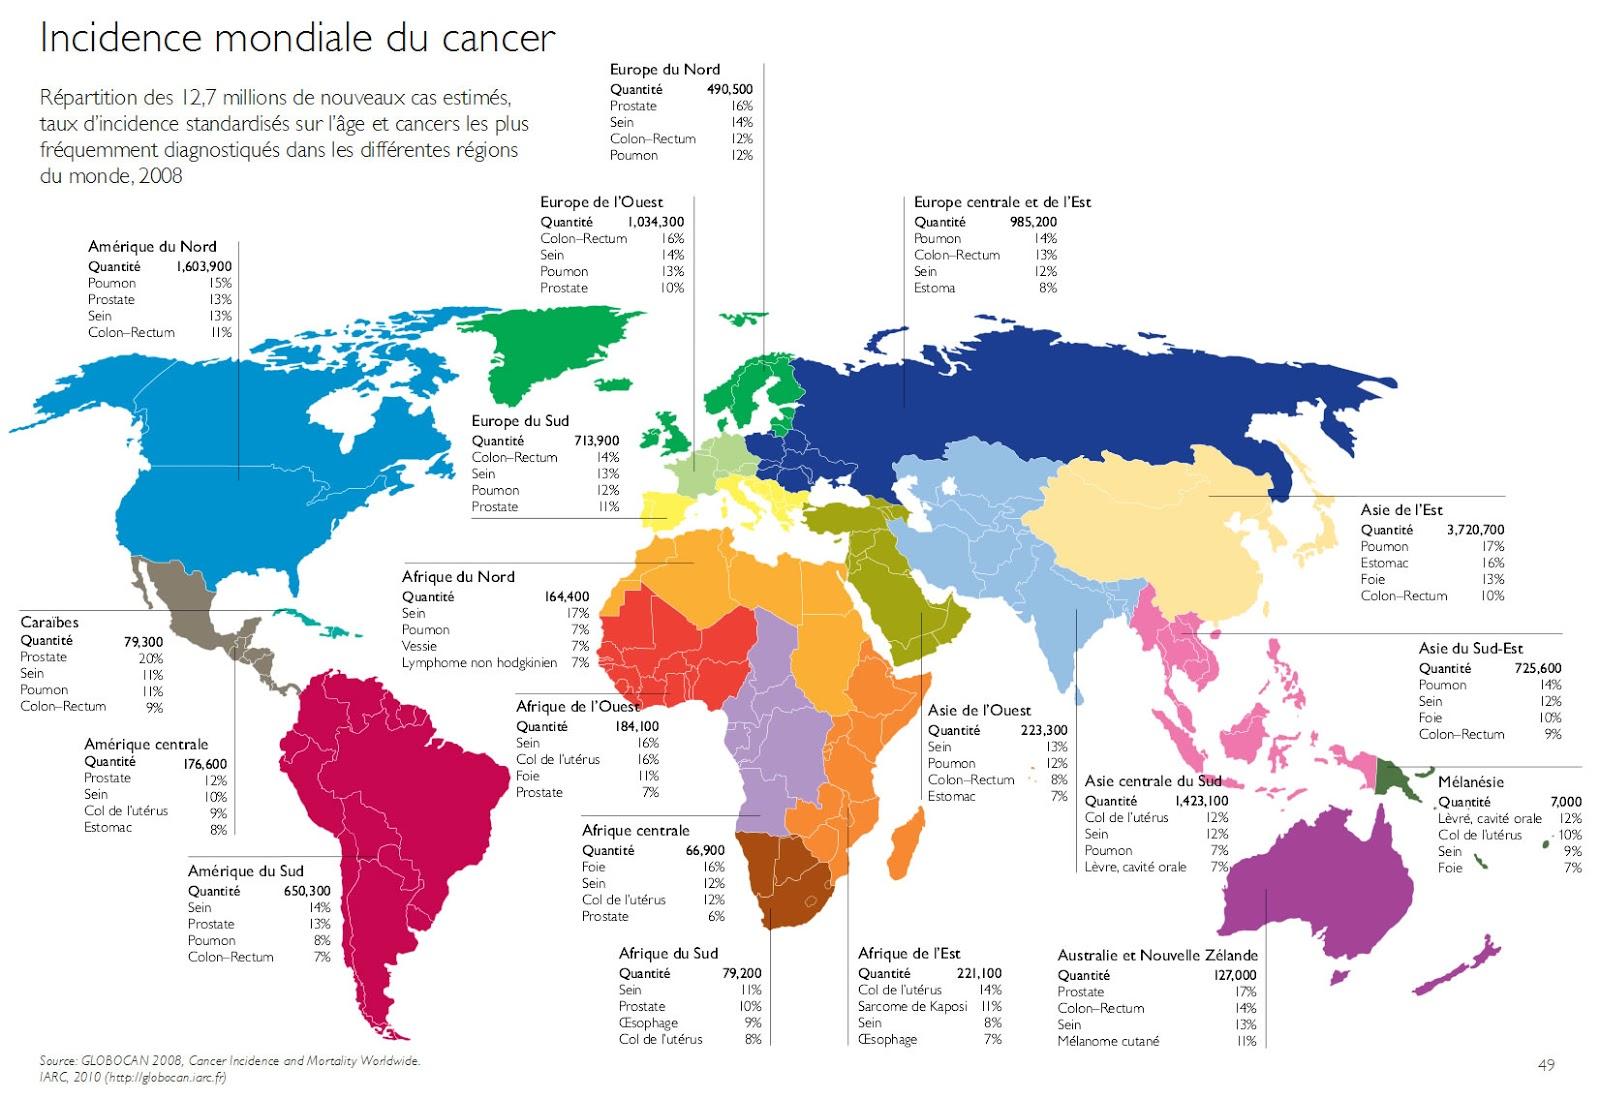 Voyage avec mon cancer, parcours d'un malade du cancer de la